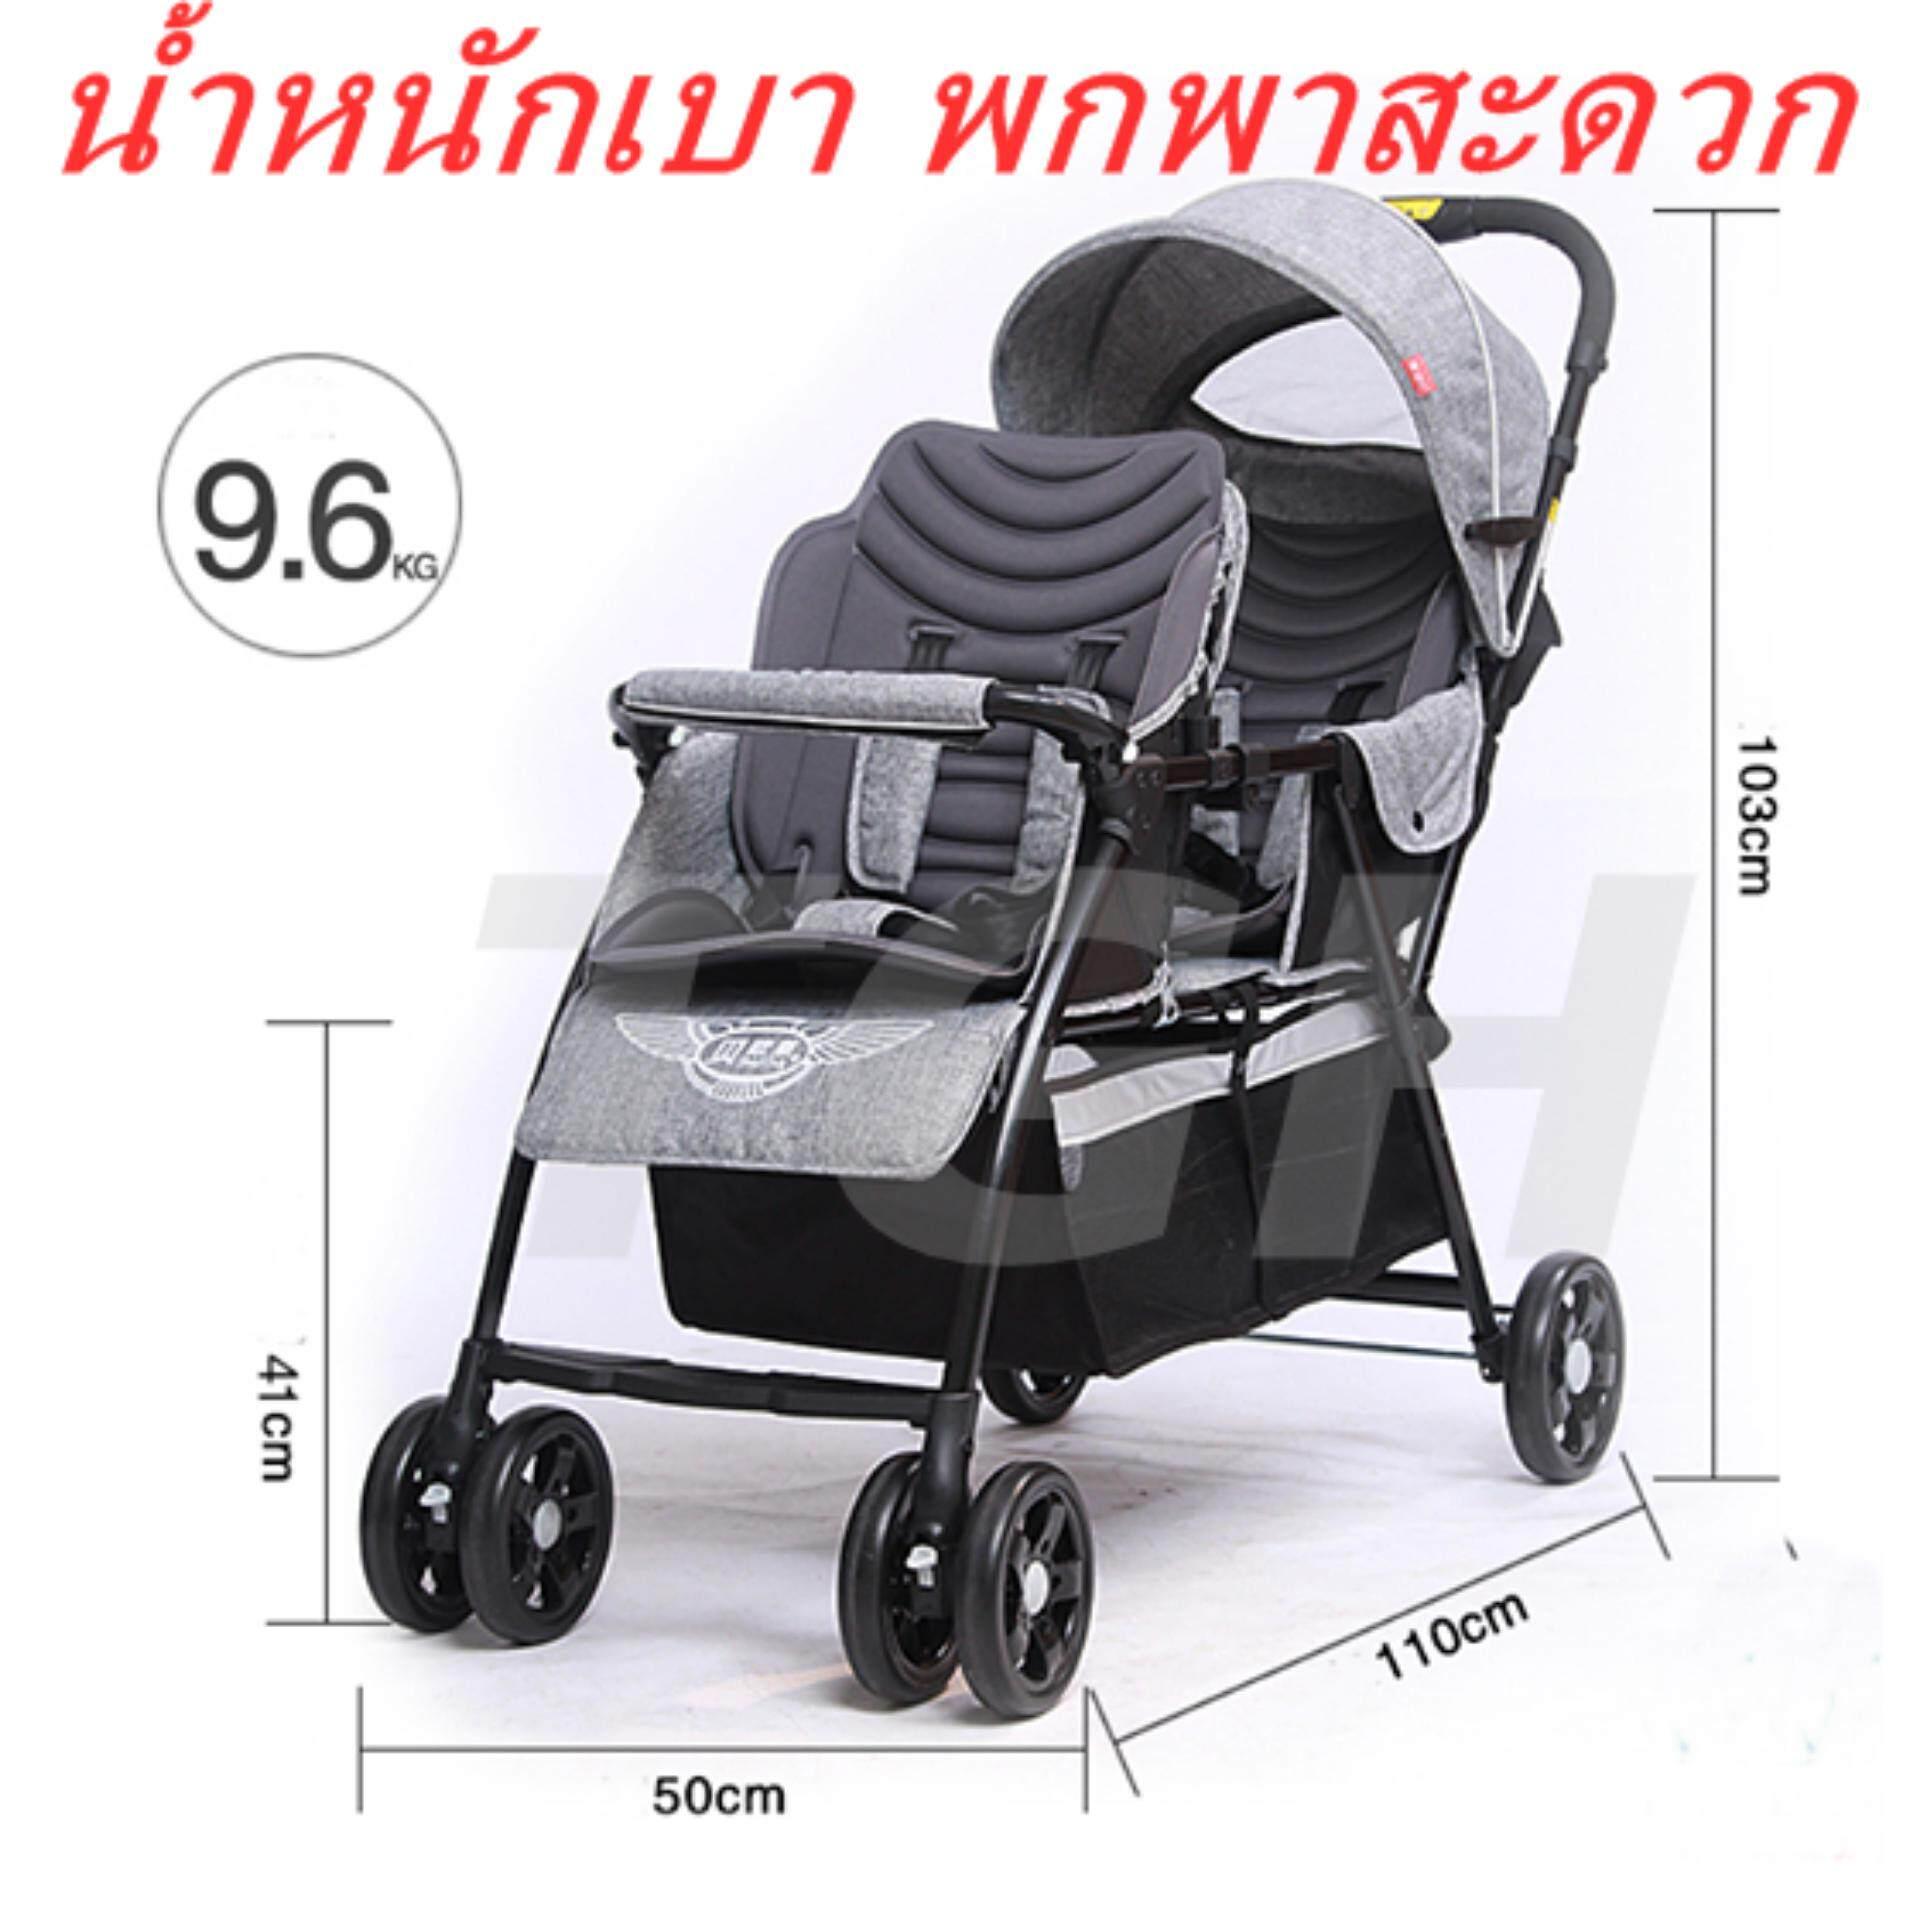 ดีจริง ถูกจริง baby trend รถเข็นเด็กสามล้อ Baby Trend : BBTTJ94773* รถเข็นเด็ก Expedition LX Travel System, Millennium มีรับประกัน